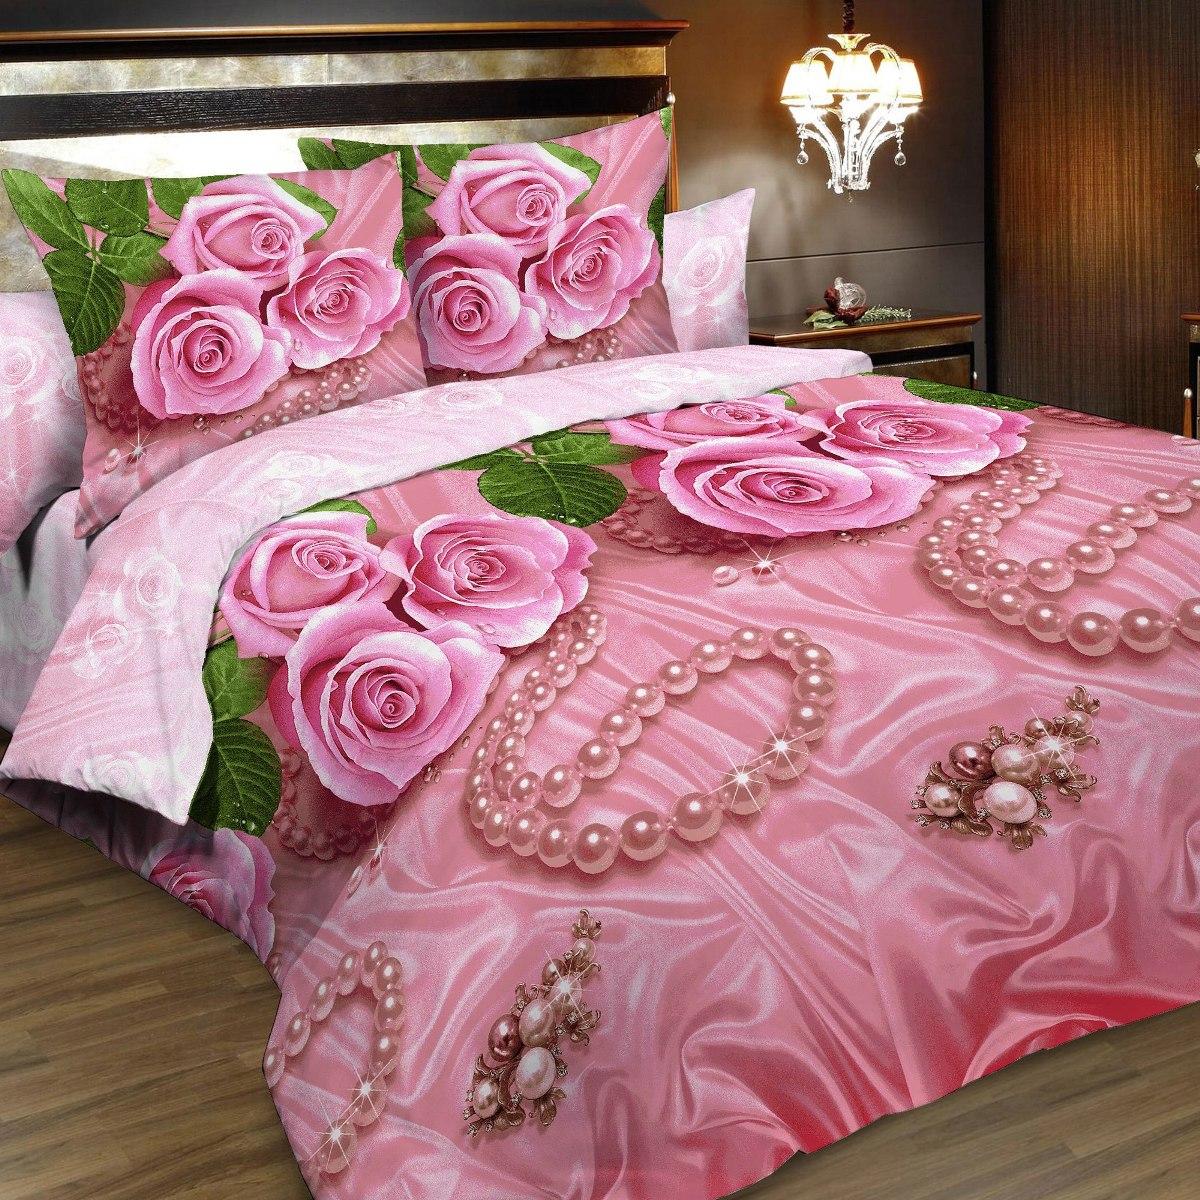 Комплект белья Letto, 2-спальный, наволочки 70х70. B161-4B161-4Комплект постельного белья Letto выполнен из классической российской бязи (хлопка). Комплект состоит из пододеяльника, простыни и двух наволочек.Постельное белье, оформленное ярким цветочным 3D изображением, имеет изысканный внешний вид. Пододеяльник снабжен молнией.Благодаря такому комплекту постельного белья вы сможете создать атмосферу роскоши и романтики в вашей спальне. Уважаемые клиенты! Обращаем ваше внимание на тот факт, что расцветка наволочек может отличаться от представленной на фото.